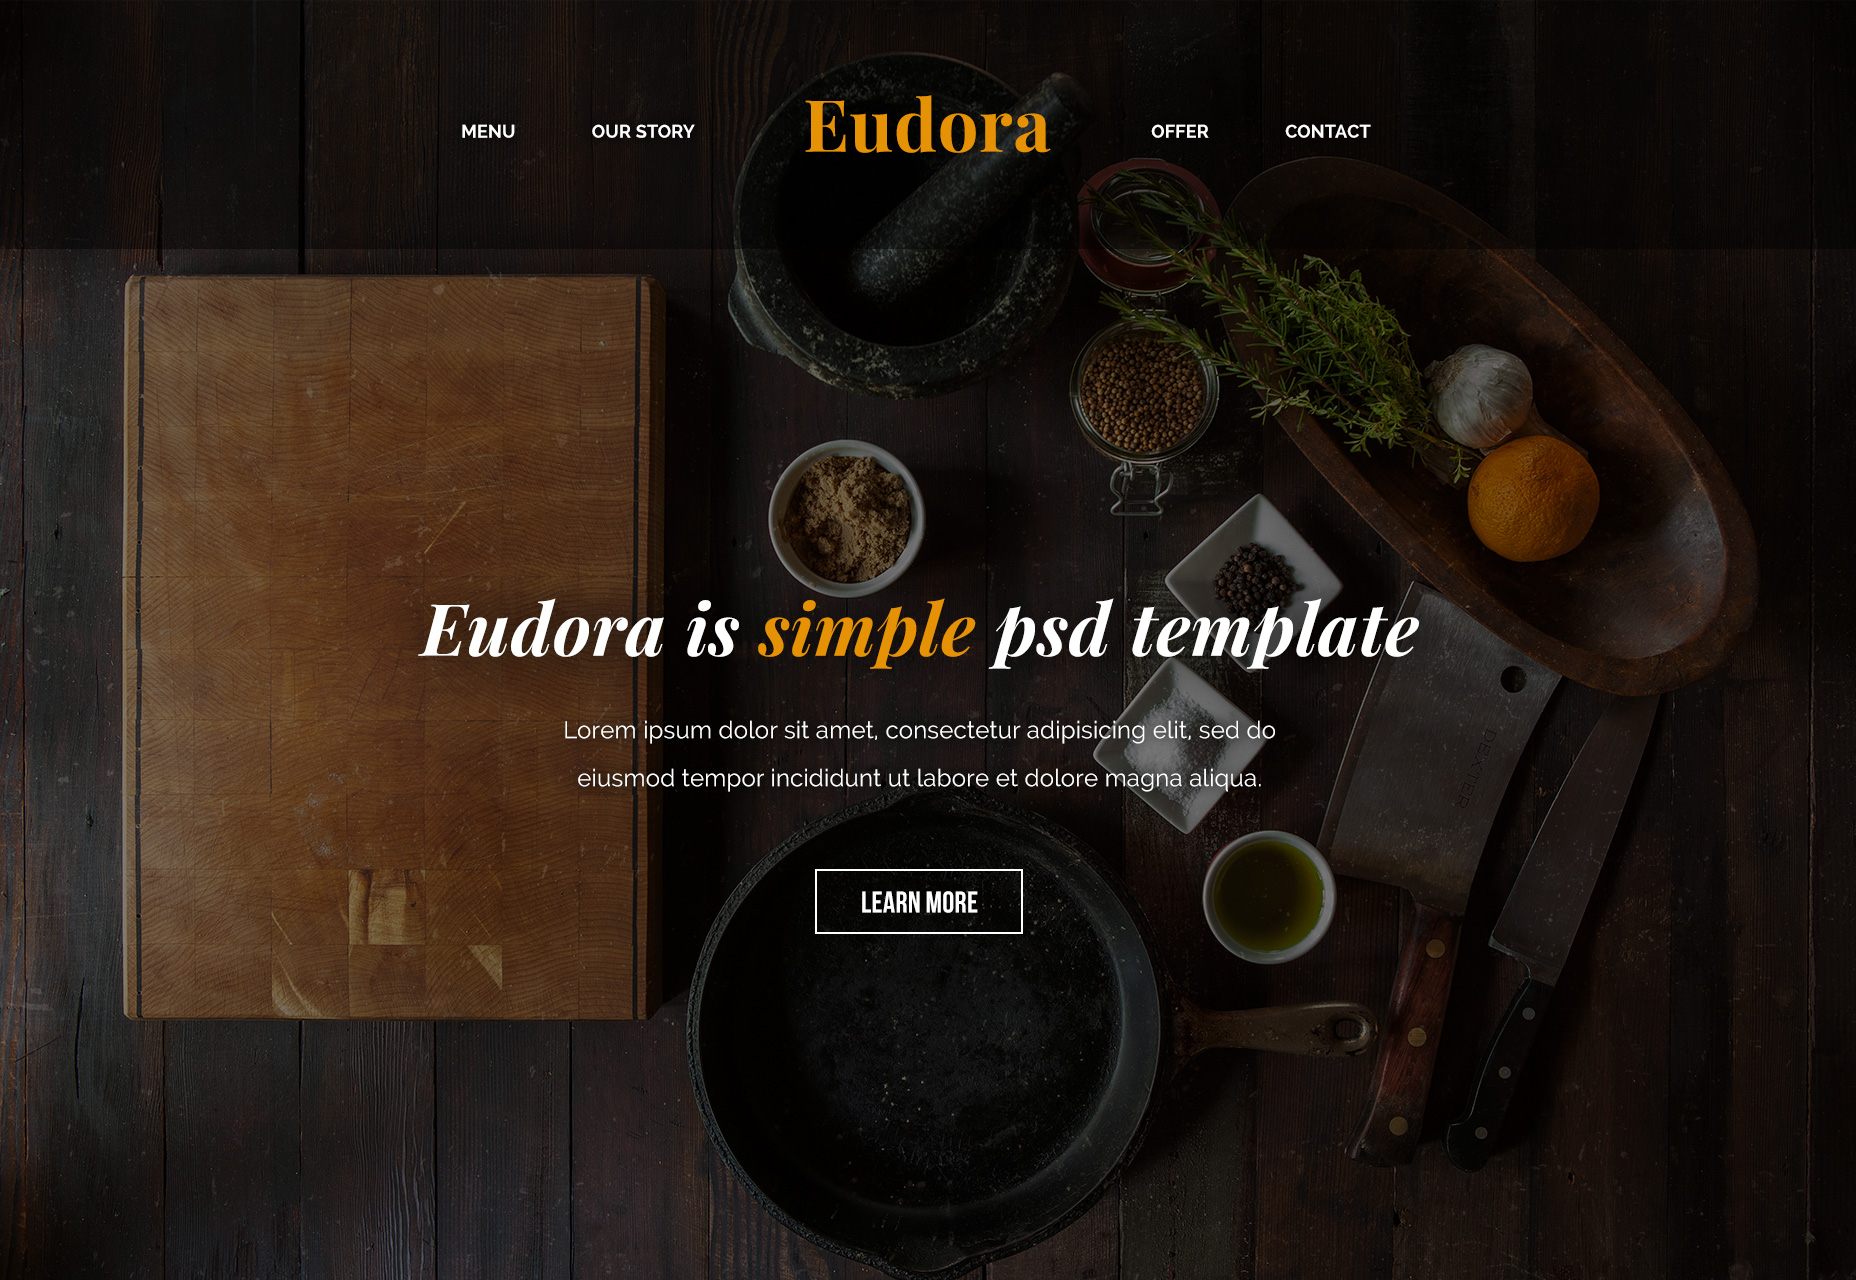 Eudora: Plantilla web de PSD relacionada con los alimentos